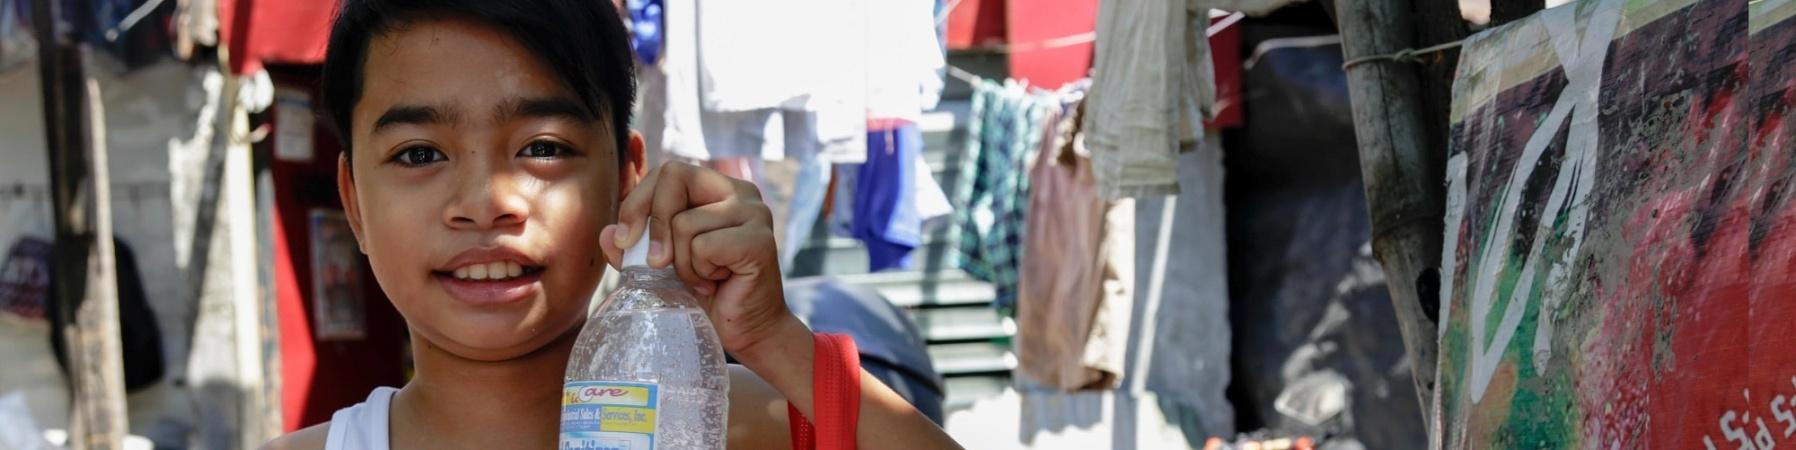 bambino asiatico tiene una bottiglia di acqua e un kit igienico sanitario in mano